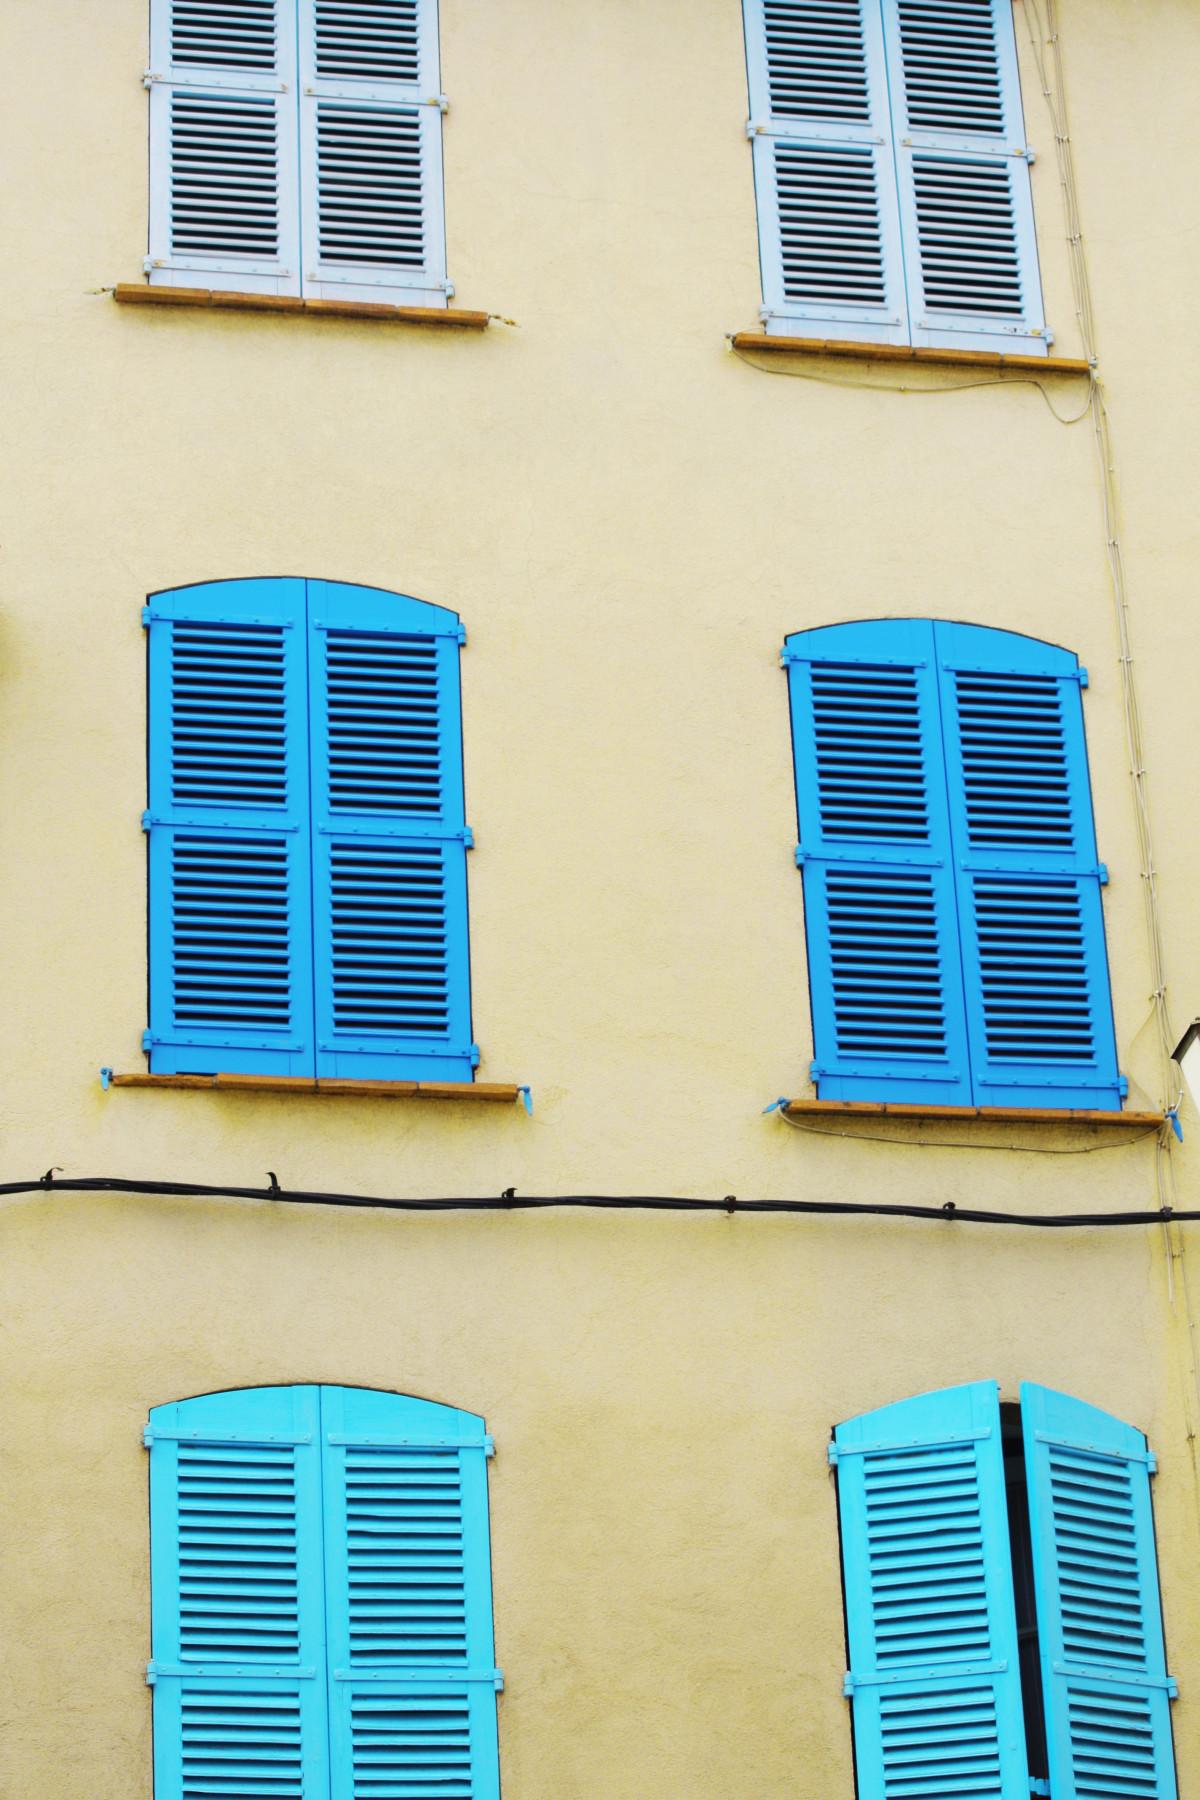 images gratuites bois maison mur mod le couleur fa ade bleu meubles couleurs volets. Black Bedroom Furniture Sets. Home Design Ideas